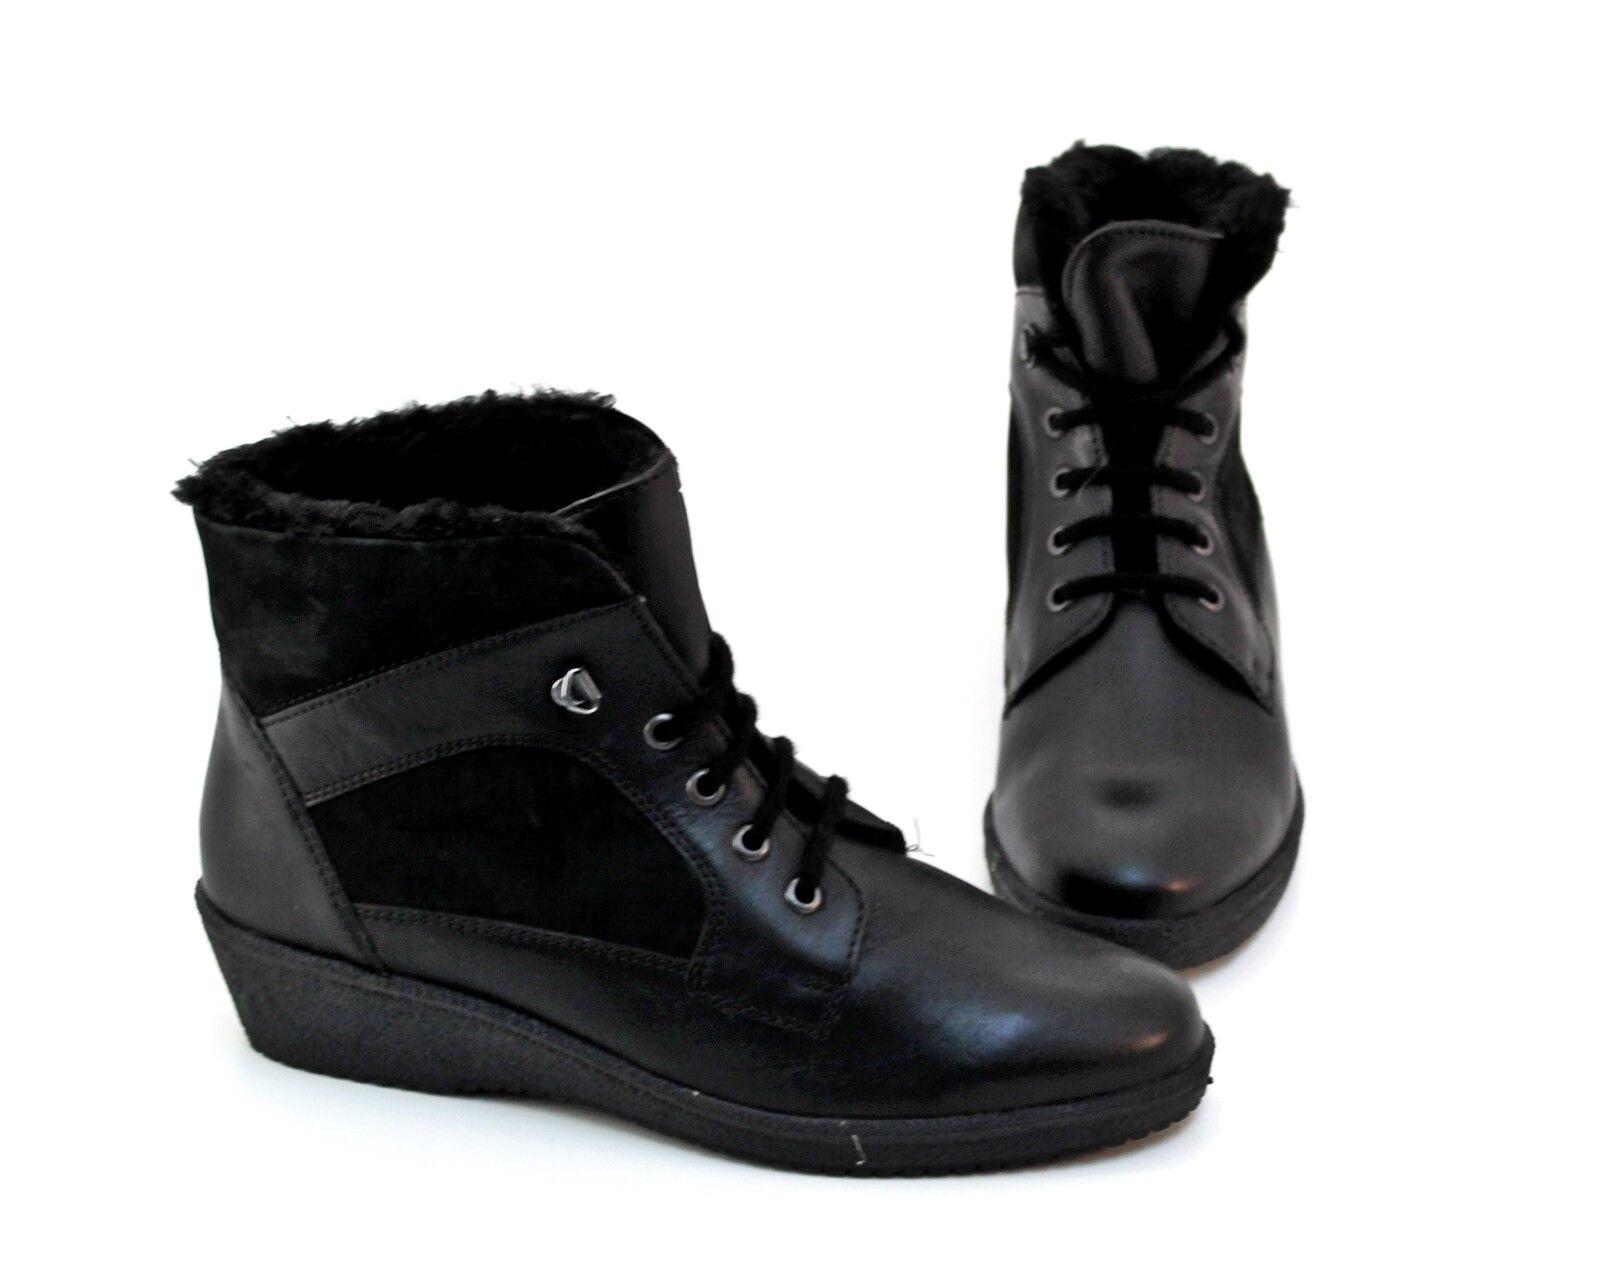 Stiefeletten Winter Stiefel Schnürverschluss Keilabsatz Echtleder schwarz Gr. 40